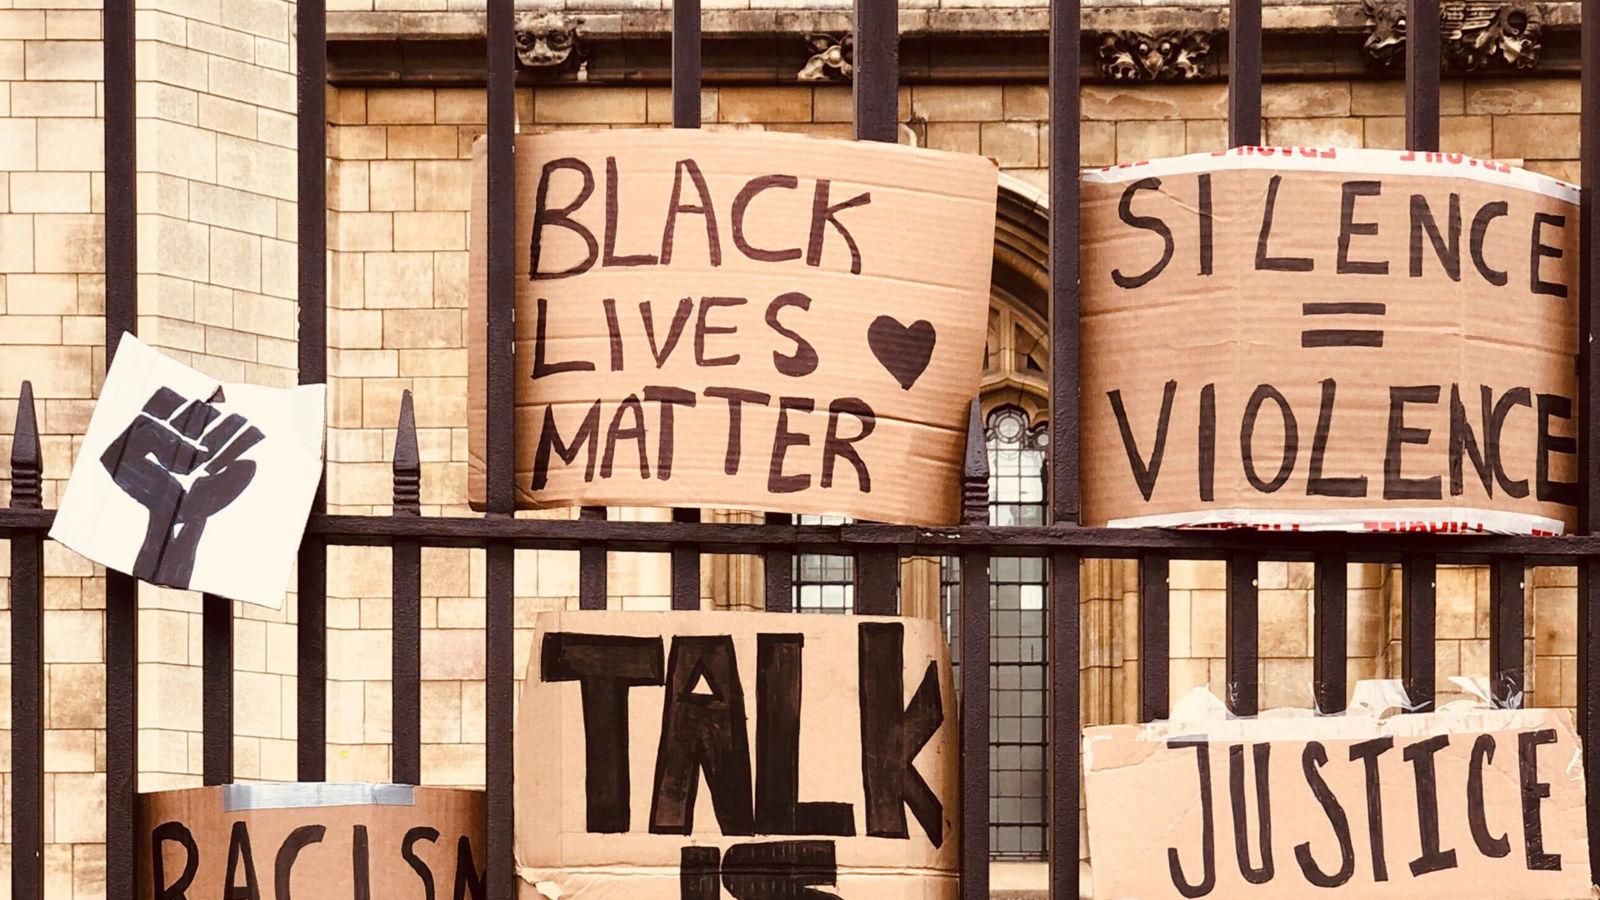 Black Lives Matter. Silence = Violence.